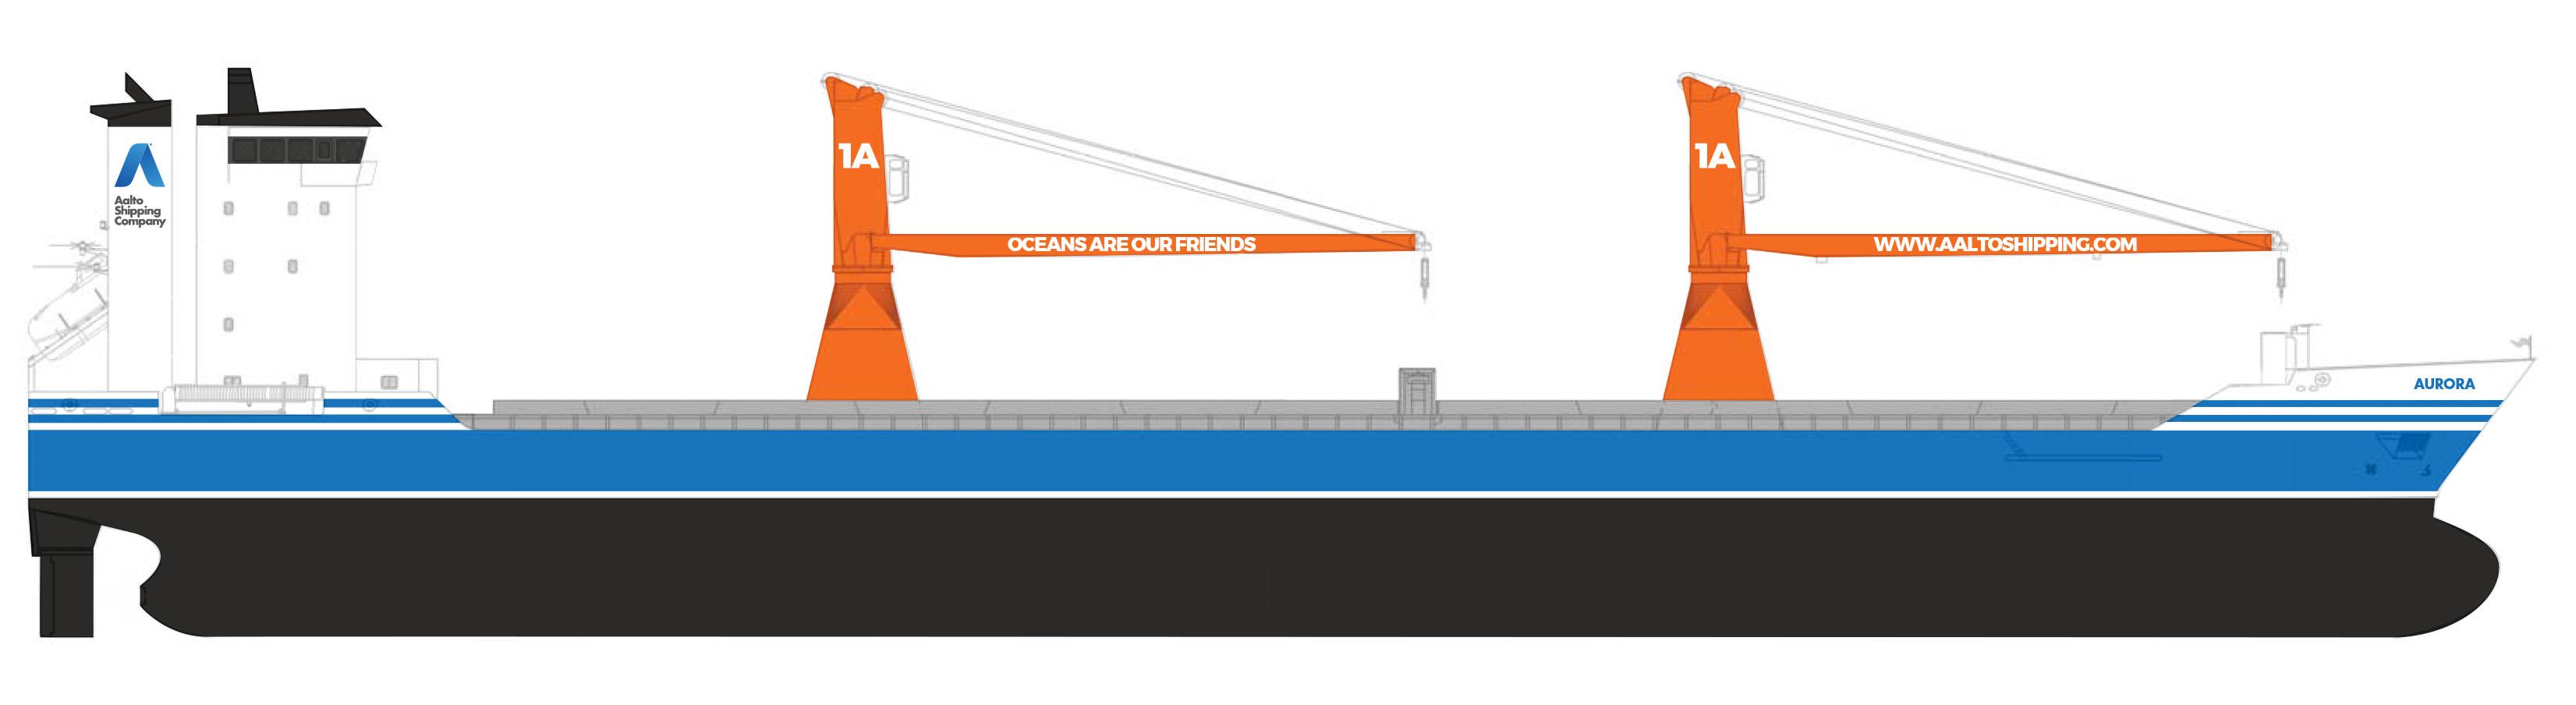 Aalto Shipping